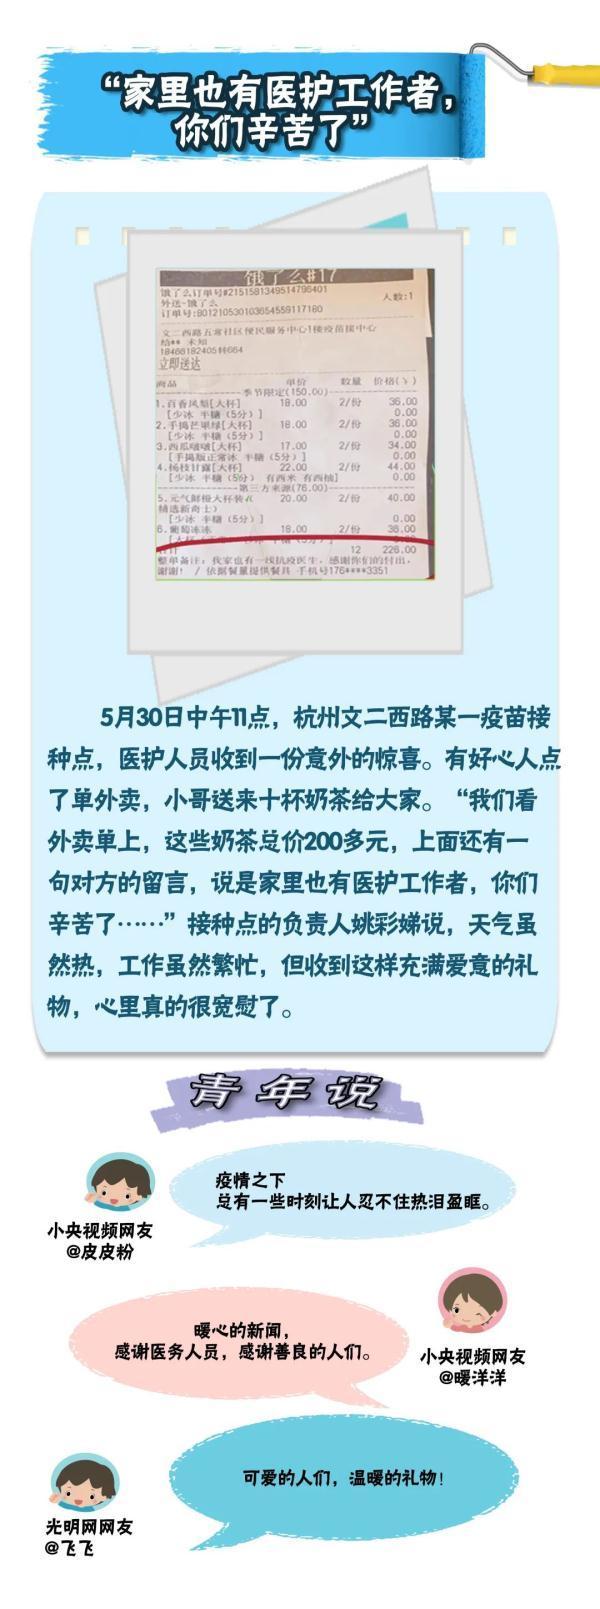 中国人的故事|暖镜头:7亿剂次,每个人都是一道防线 全球新闻风头榜 第10张